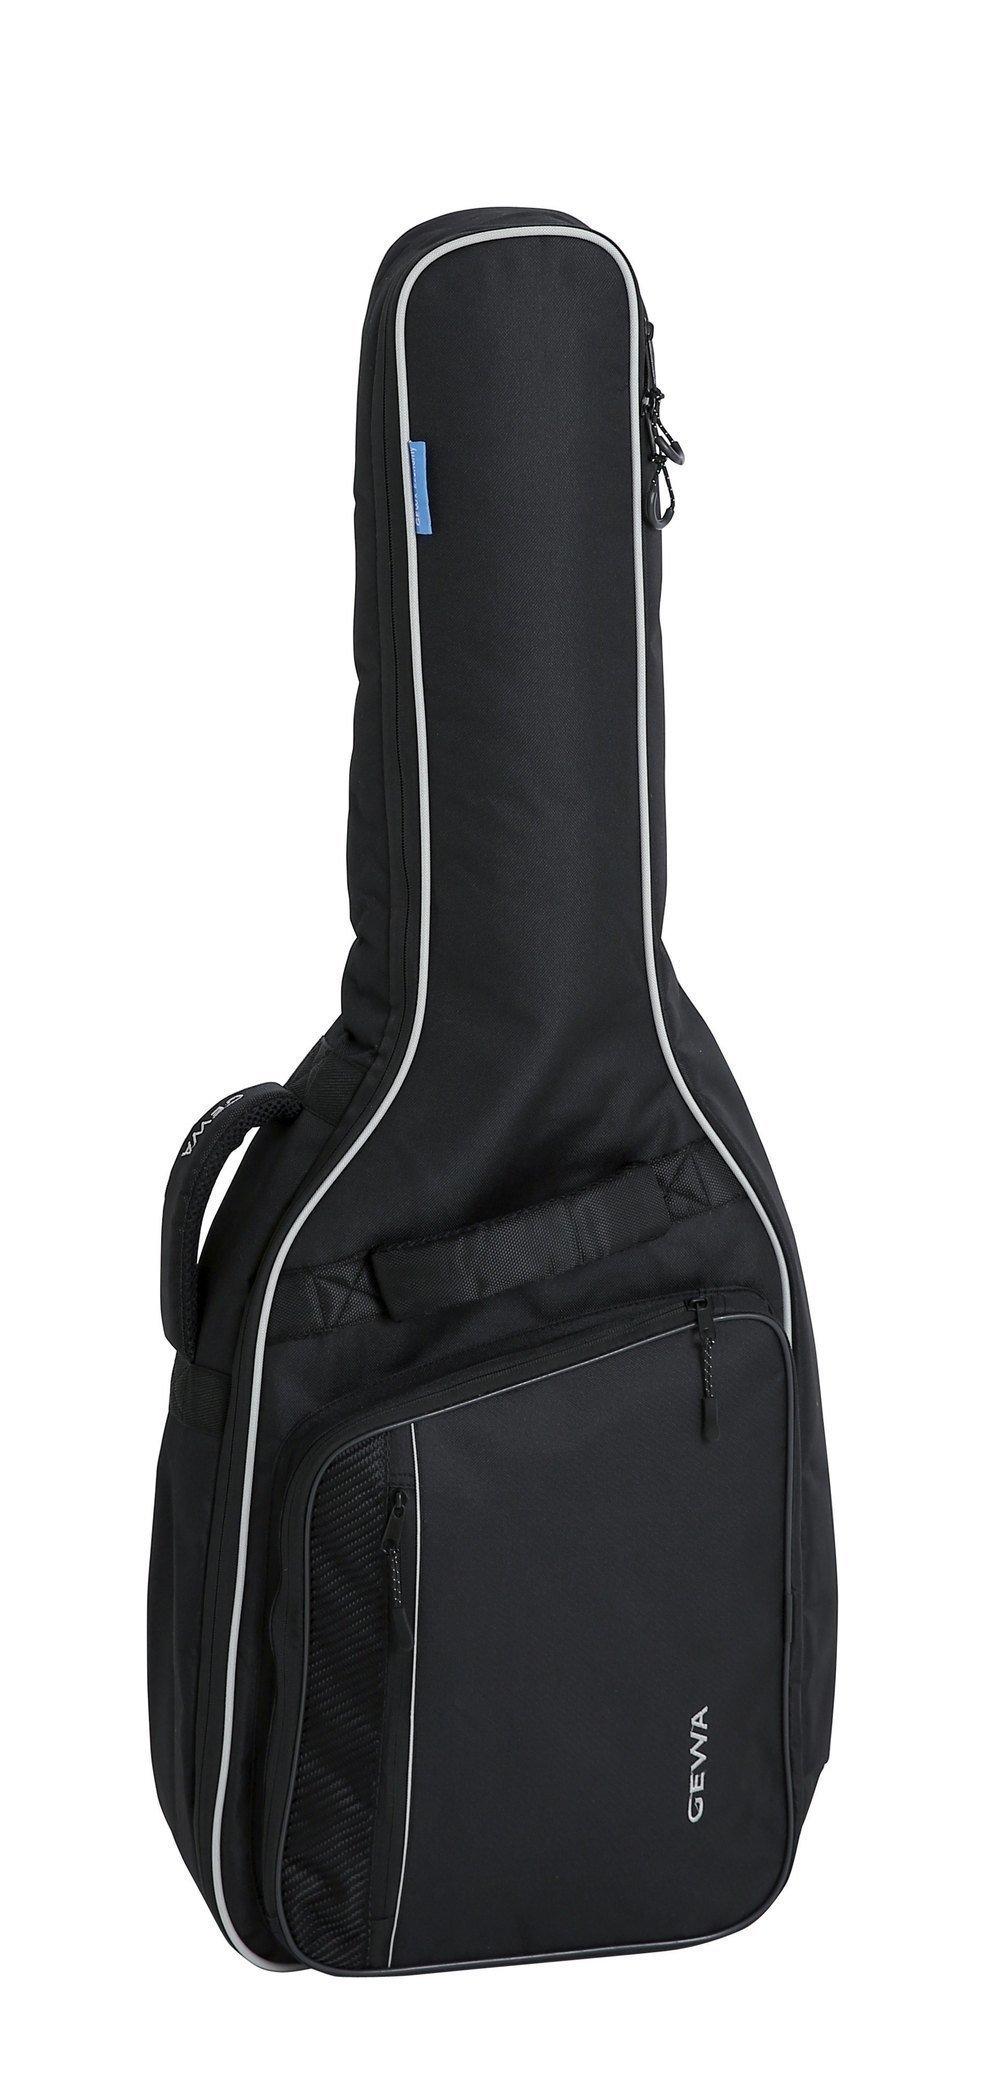 GEWA Konzertgitarren Tasche Economy 12 Schwarz  3/4-7/8